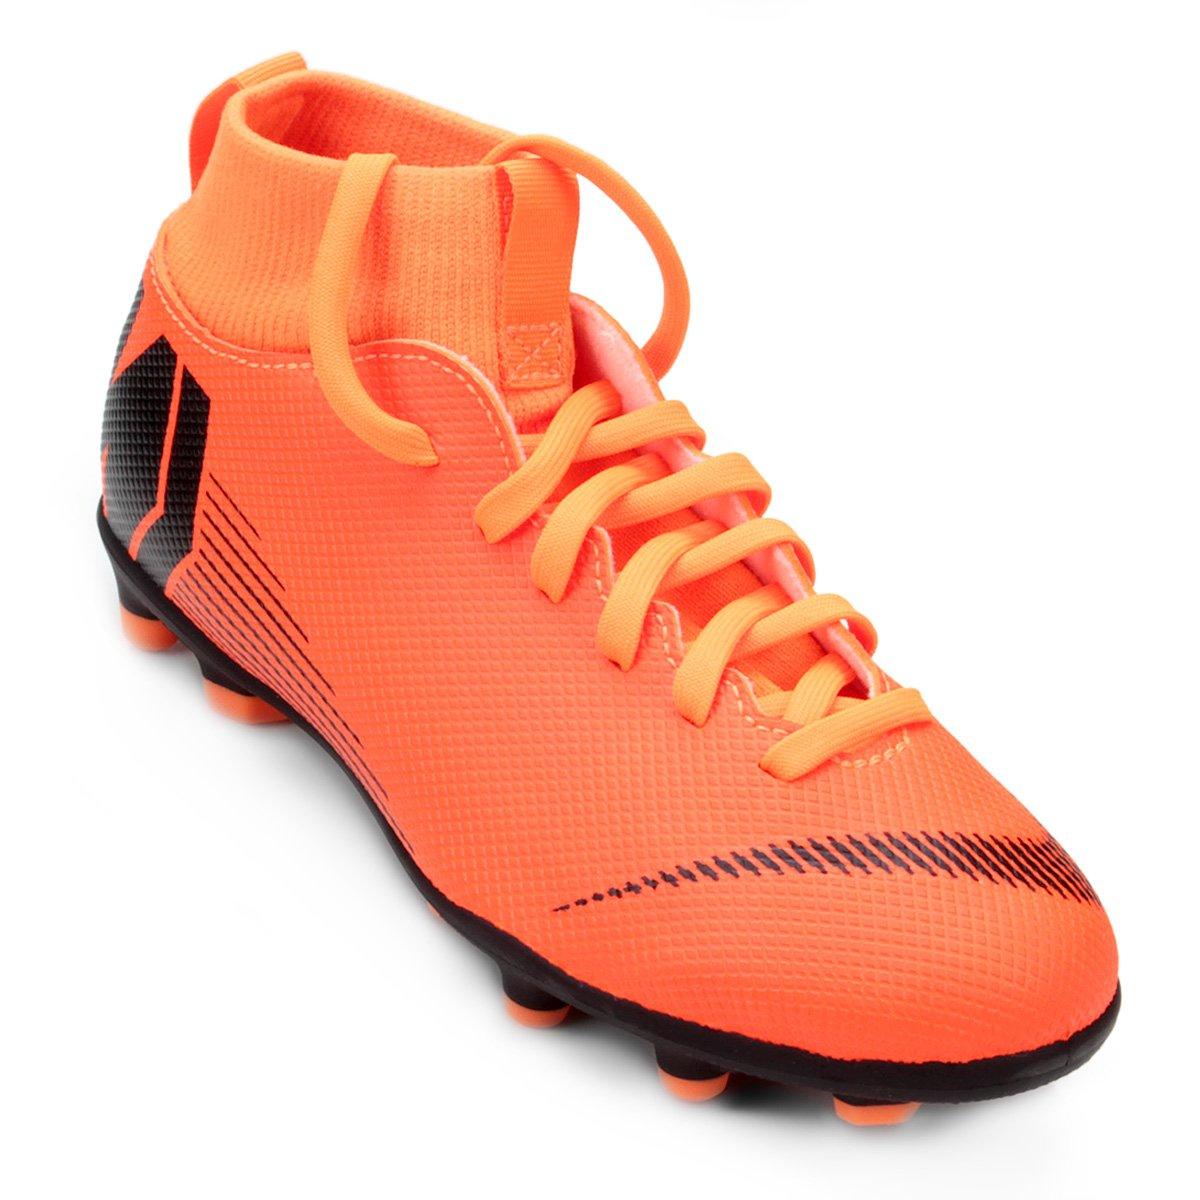 3e2a7a0c84534 Chuteira Campo Infantil Nike Mercurial Superfly 6 Club | Allianz Parque Shop